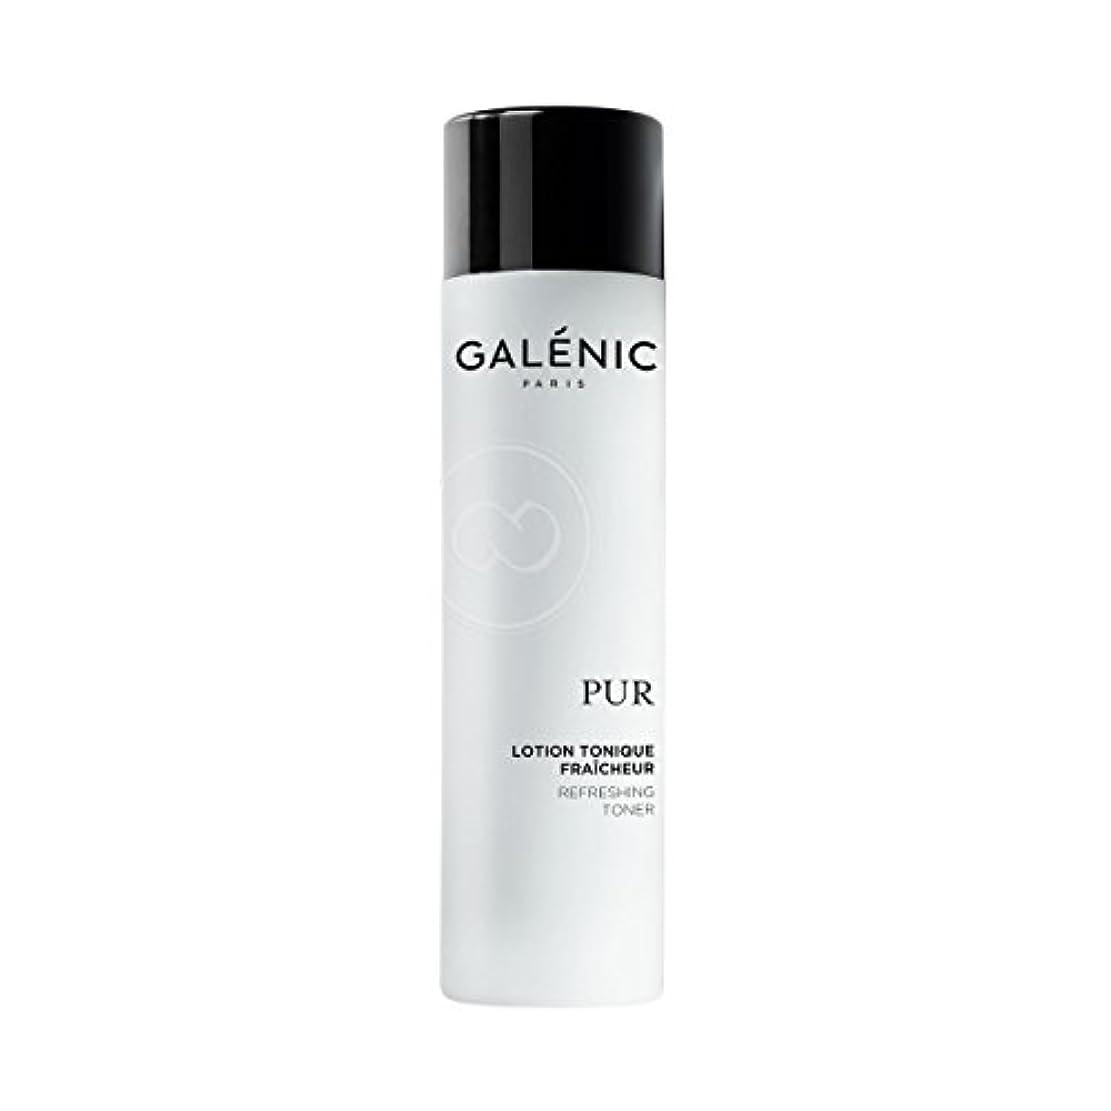 規模ポルノベリーGalenic Pur Refreshing Tonic 200ml [並行輸入品]